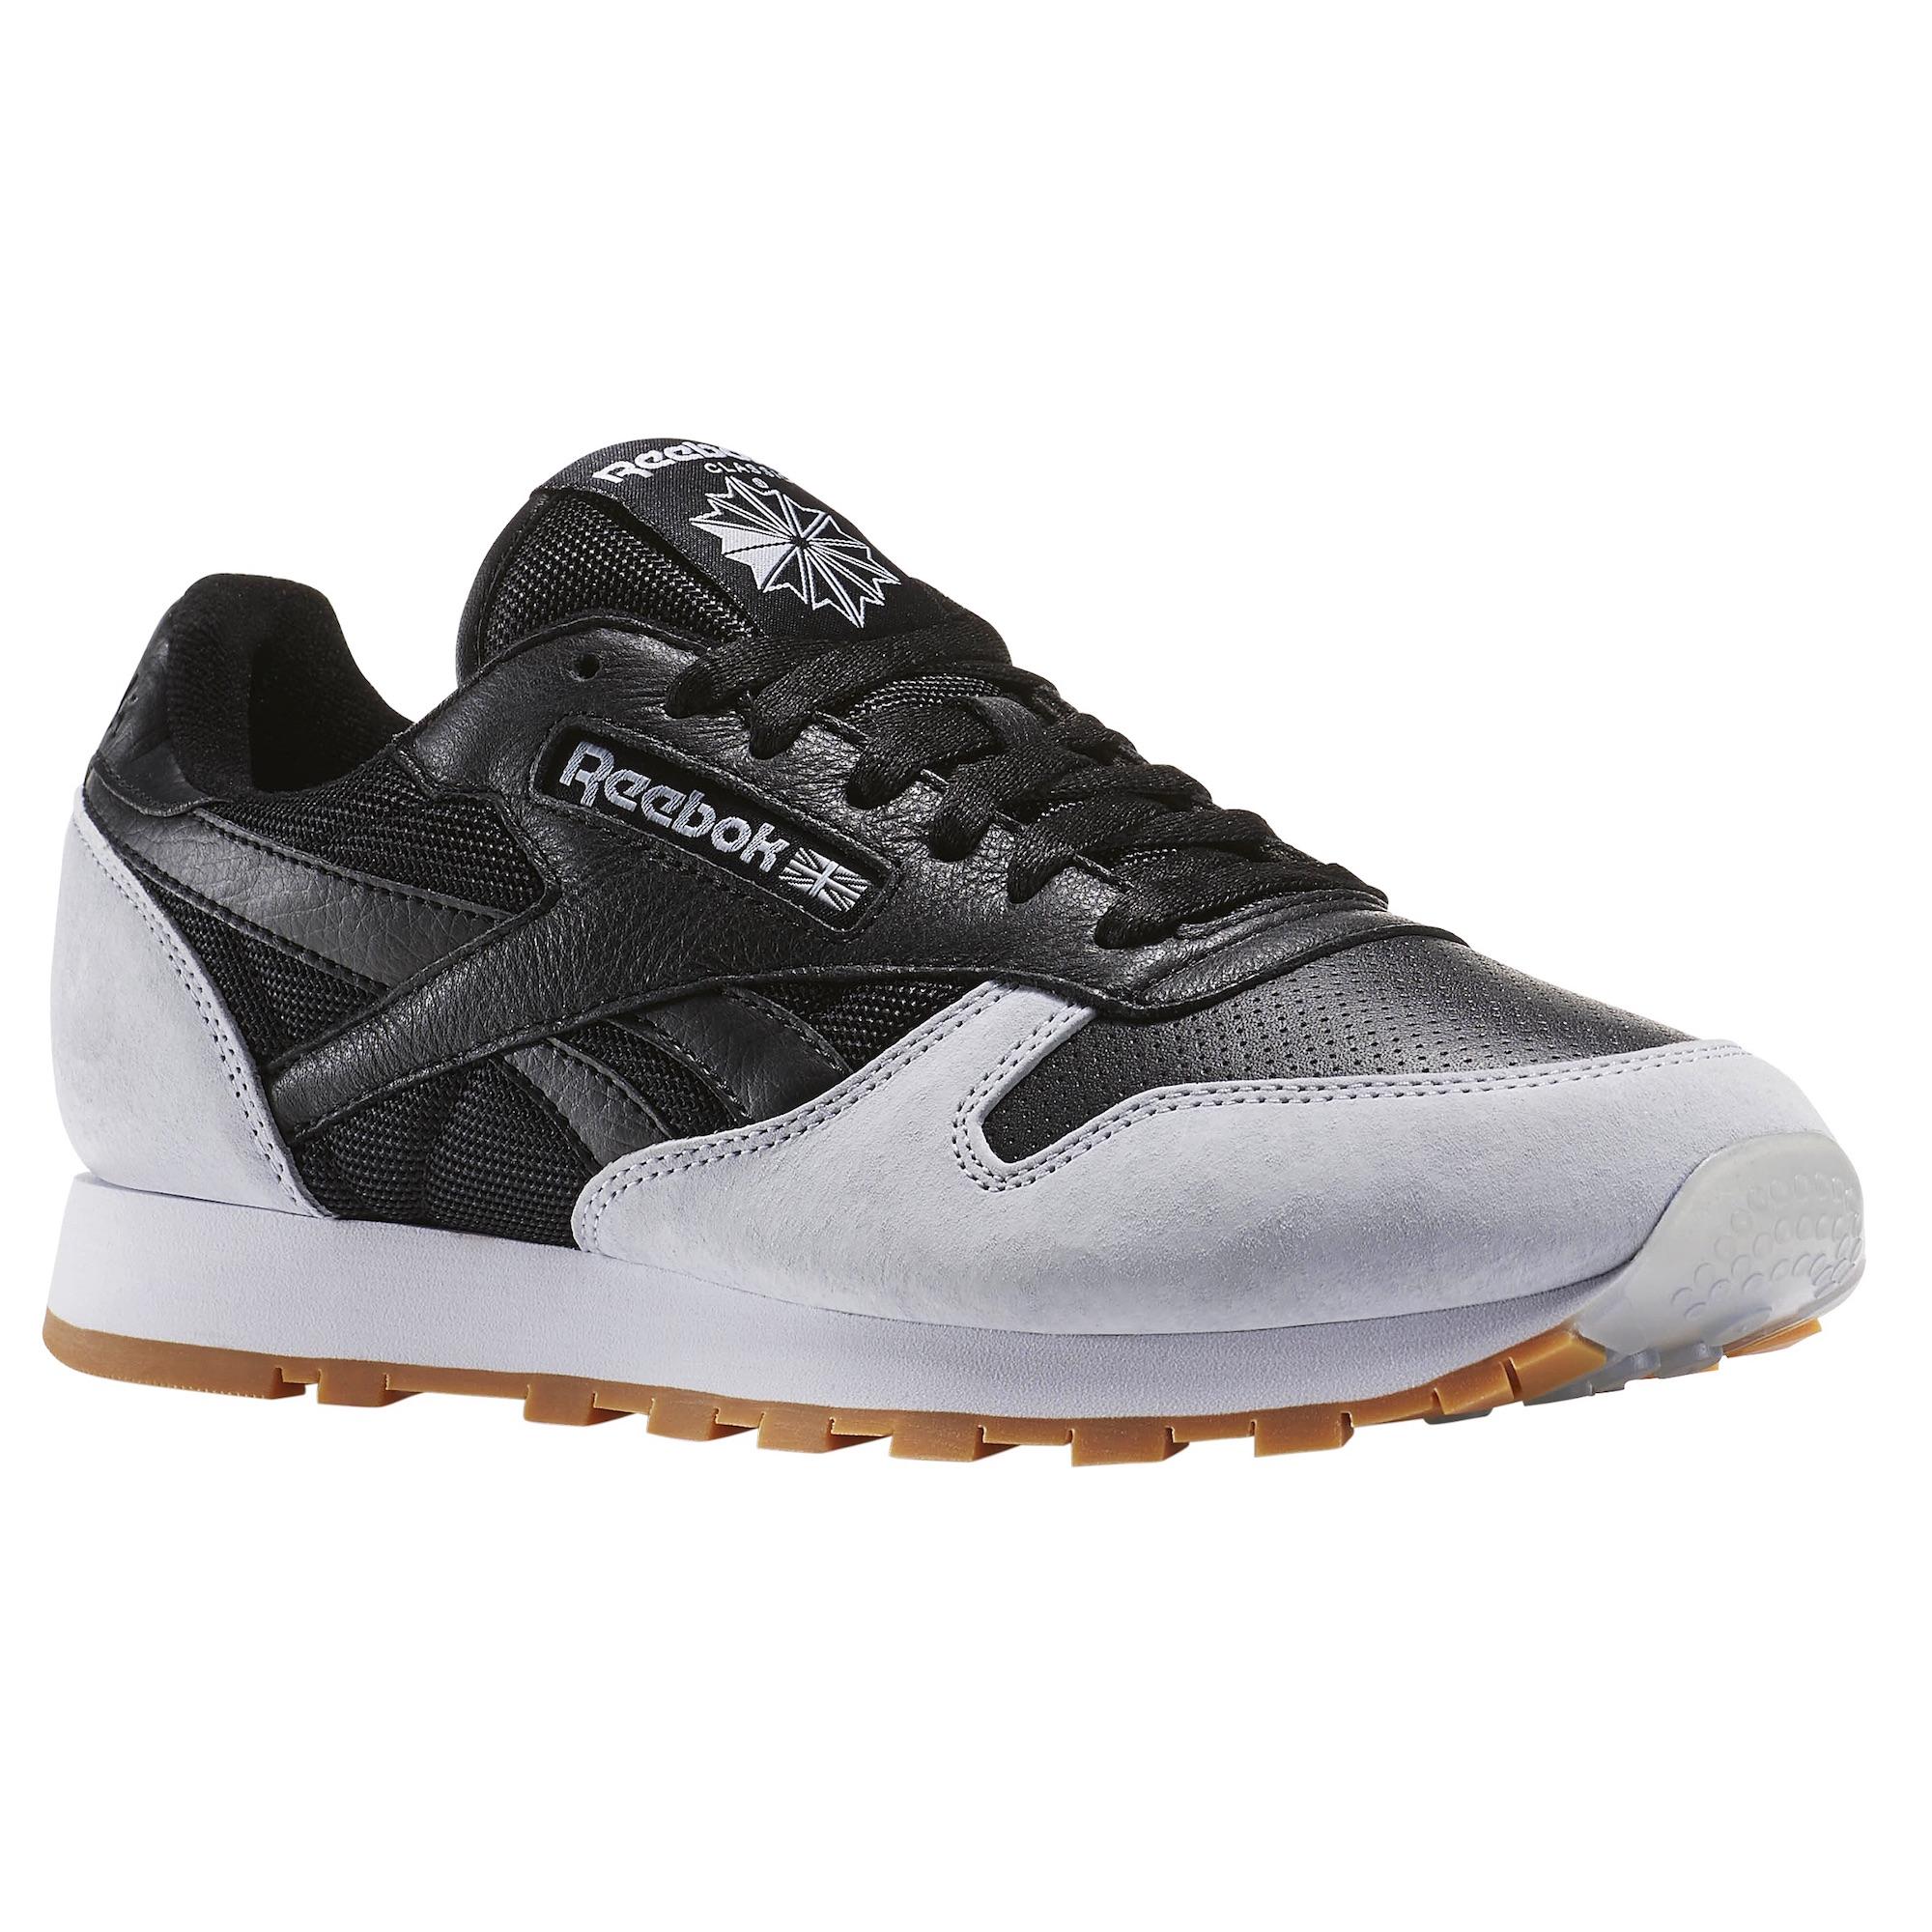 kendrick lamar x reebok classic leather perfect split 24